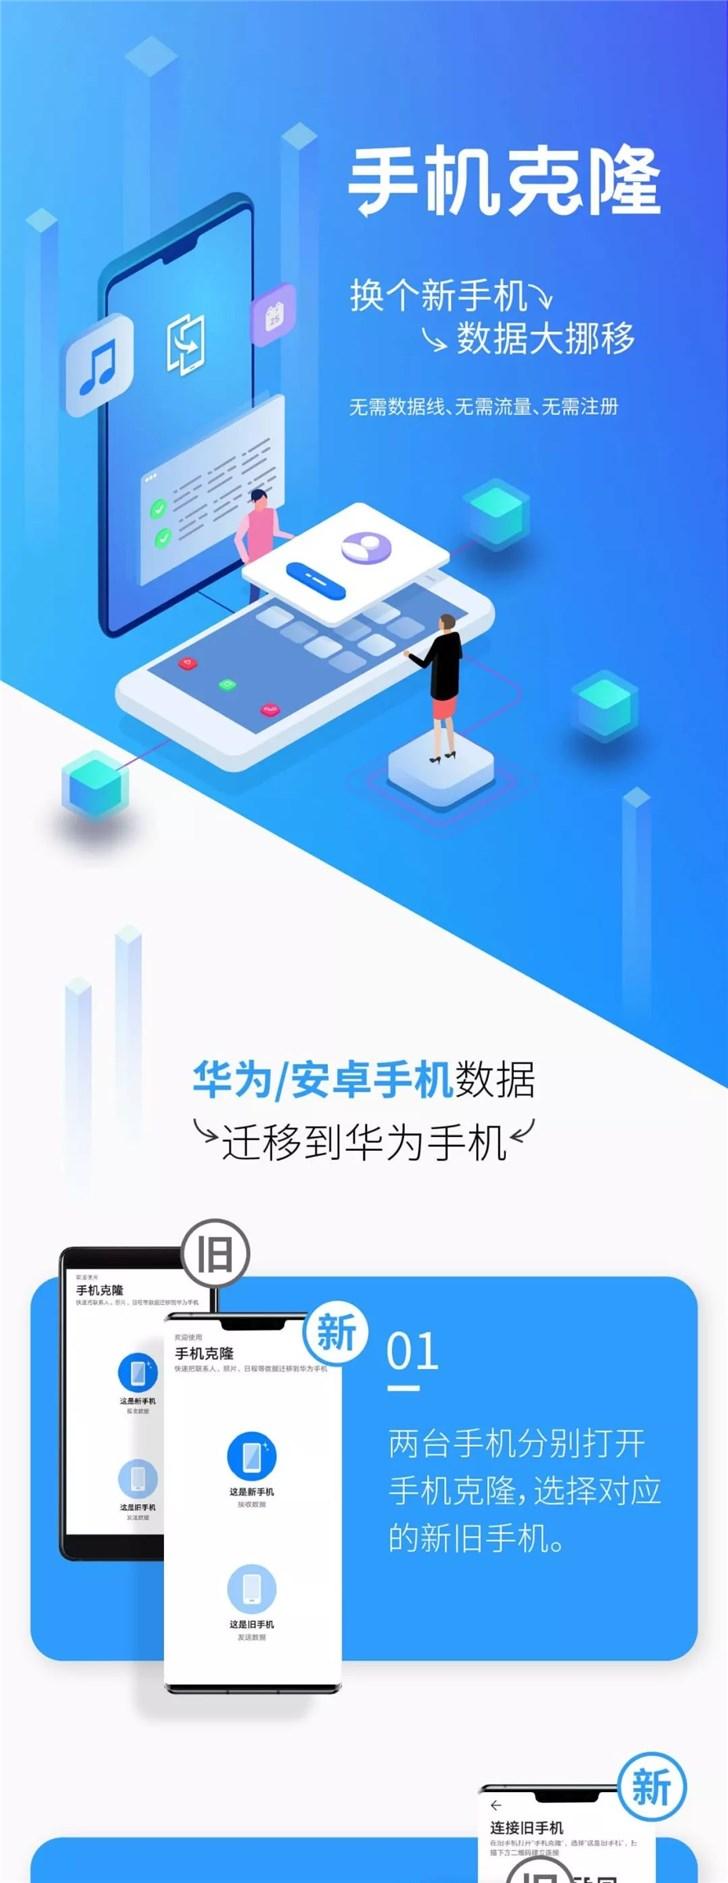 """一图看懂华为EMUI""""手机克隆""""功能"""